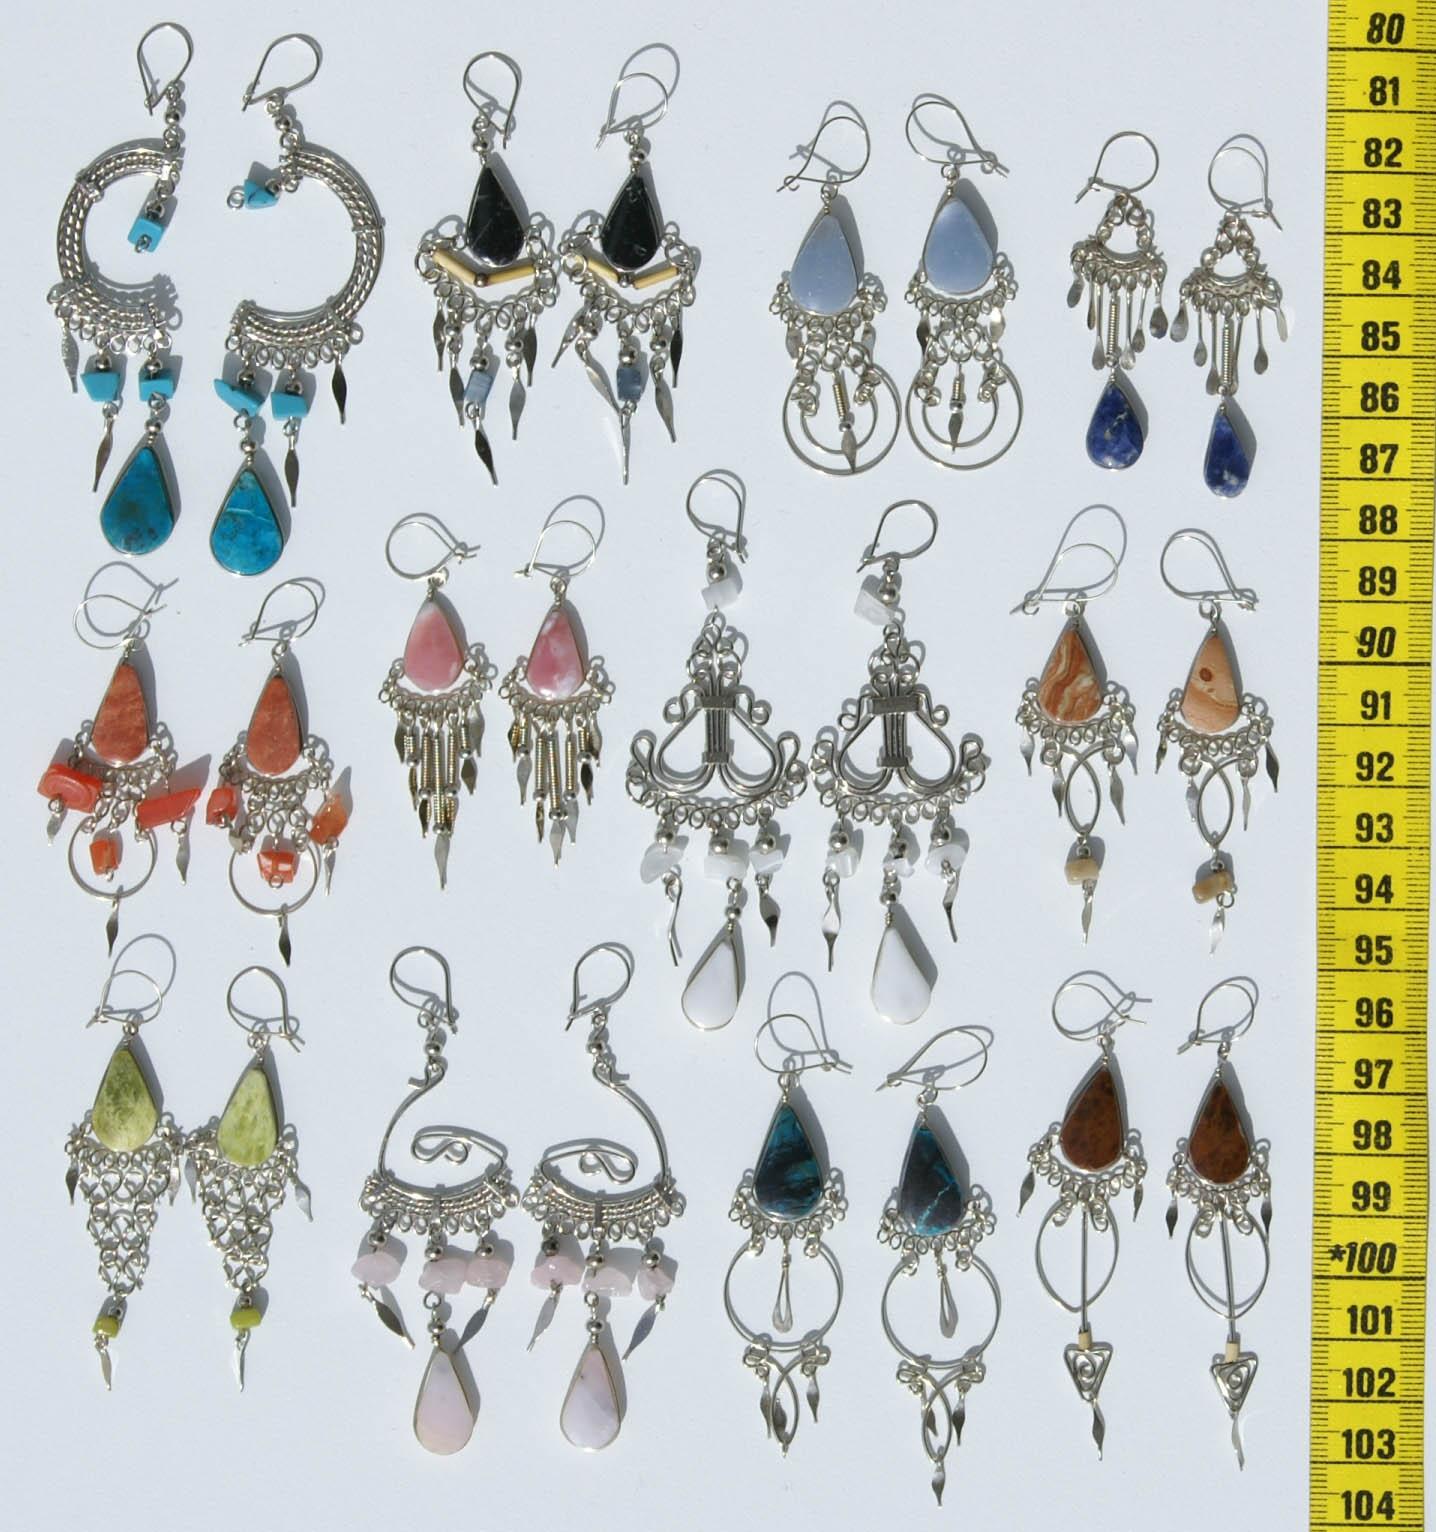 Сувениры сделанные своими руками